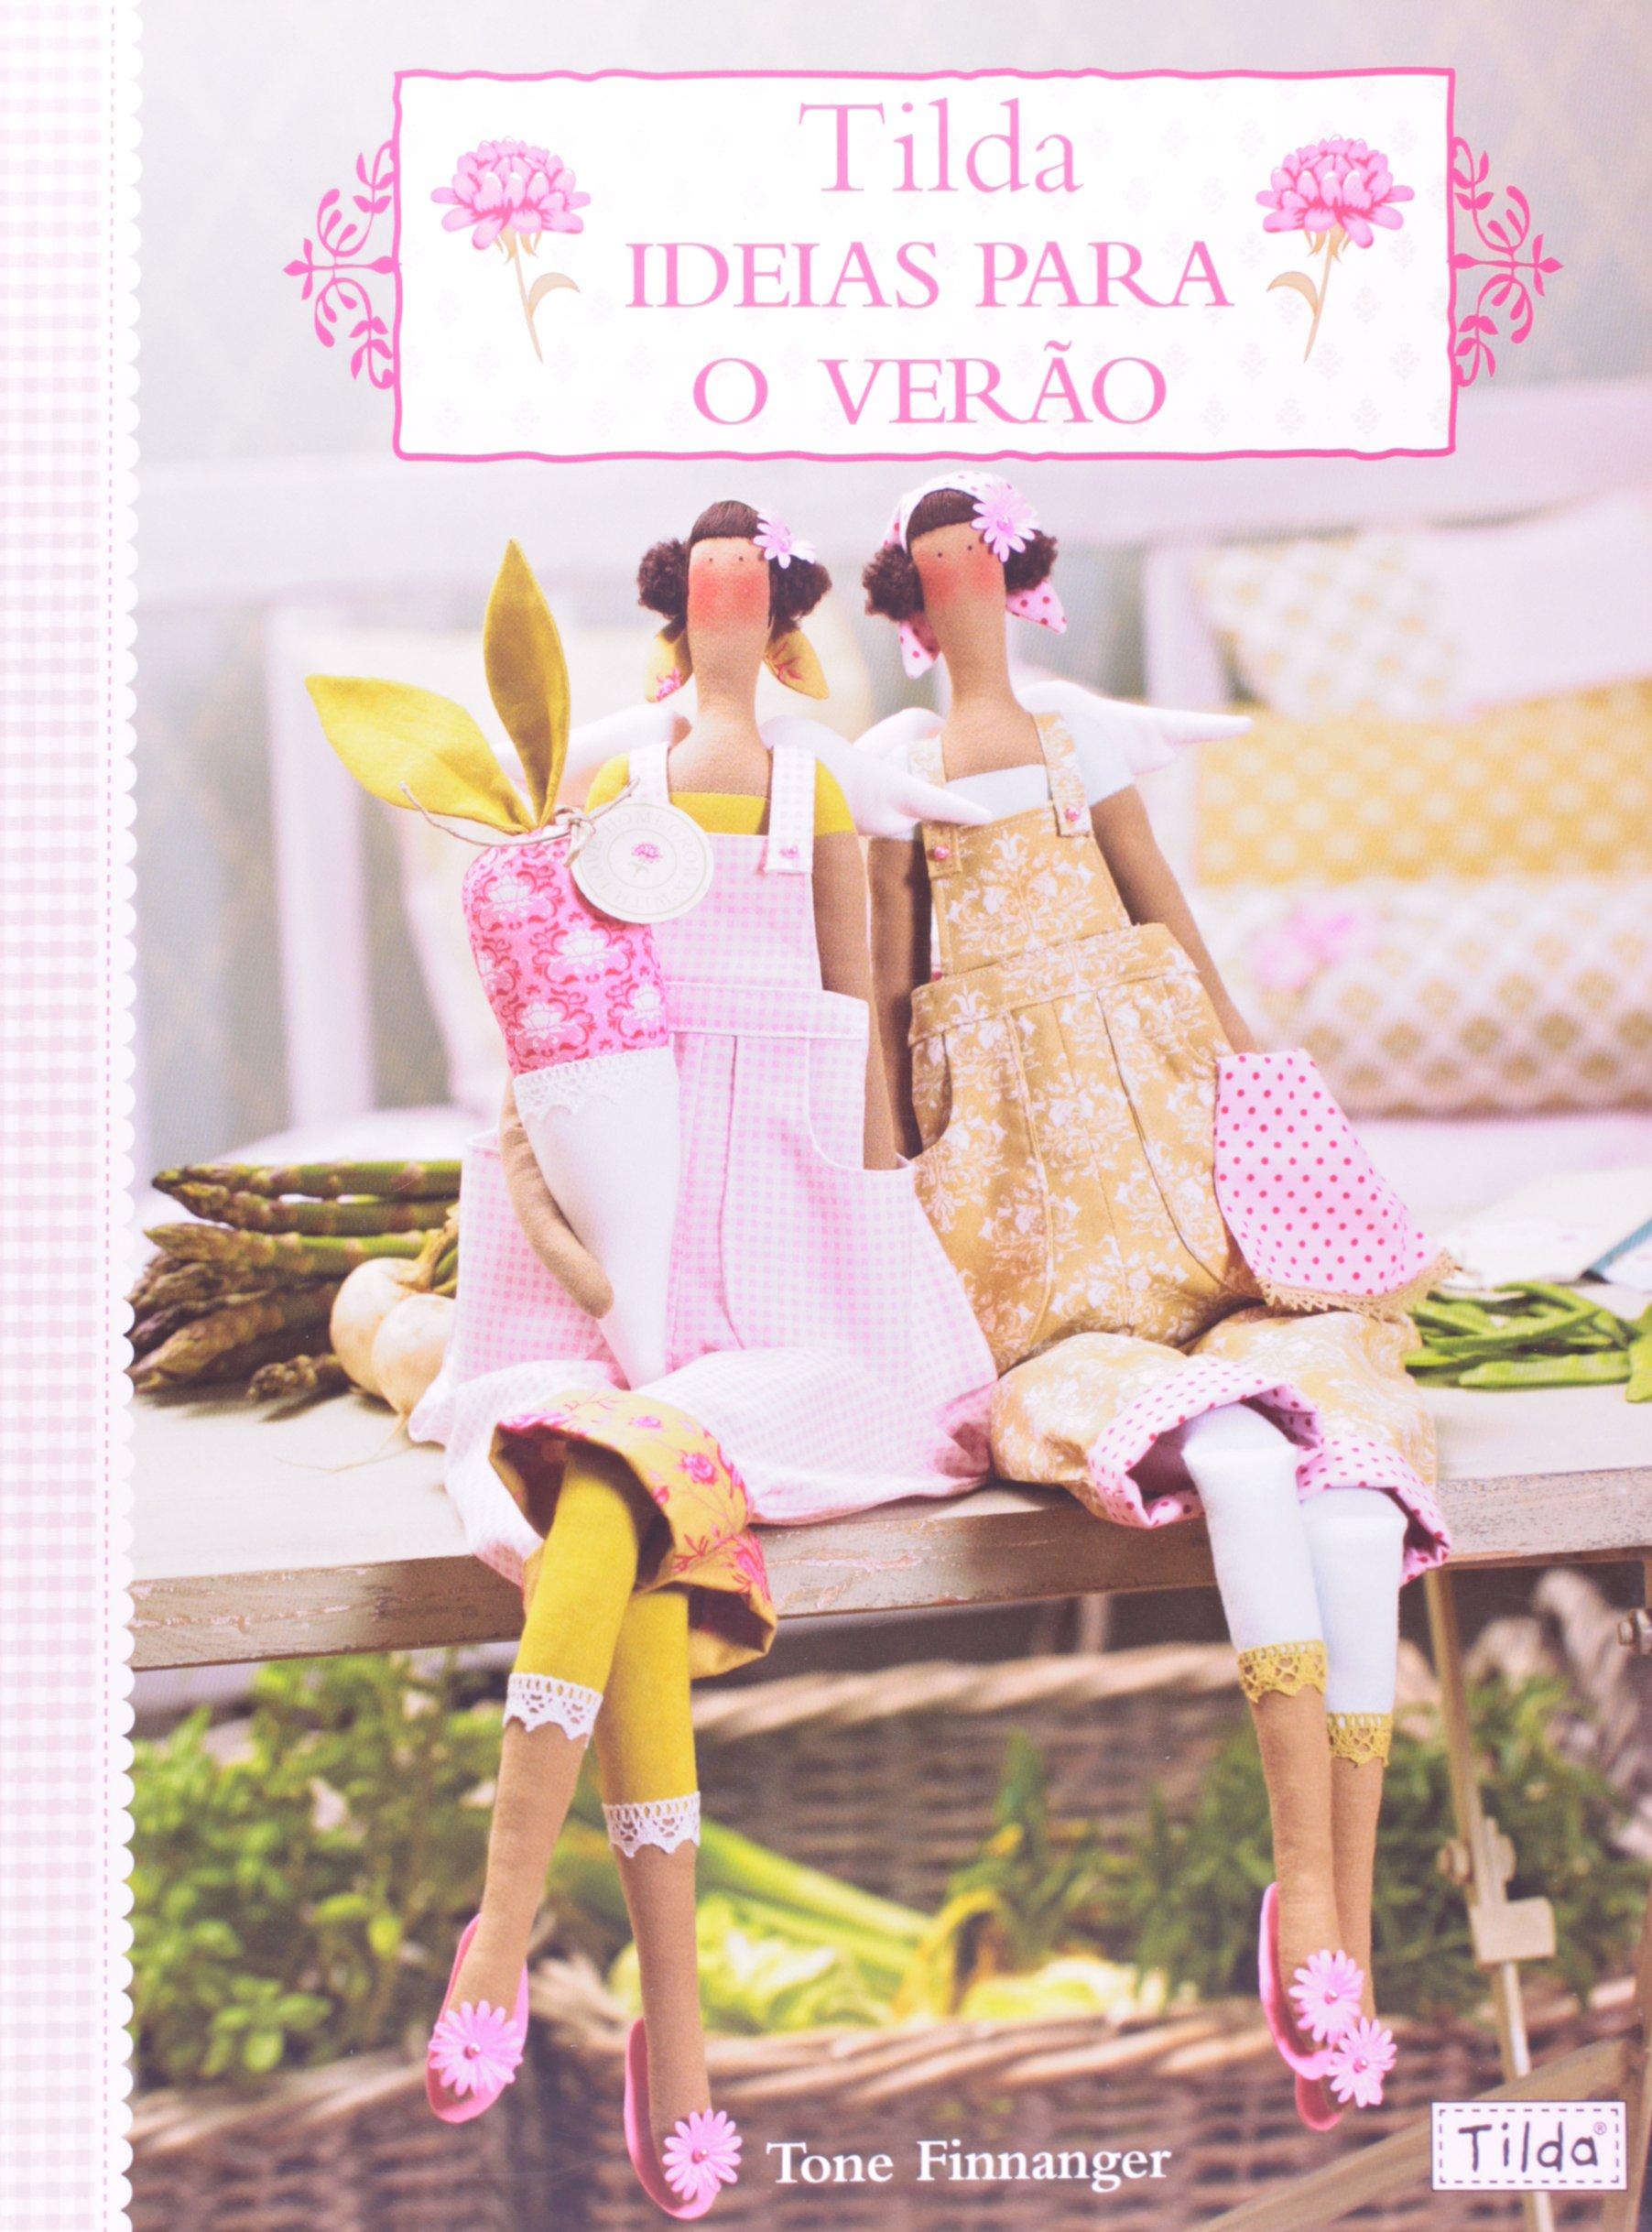 Tilda. Ideias Para o Verão (Em Portuguese do Brasil): Amazon.es: Tone Finnanger: Libros